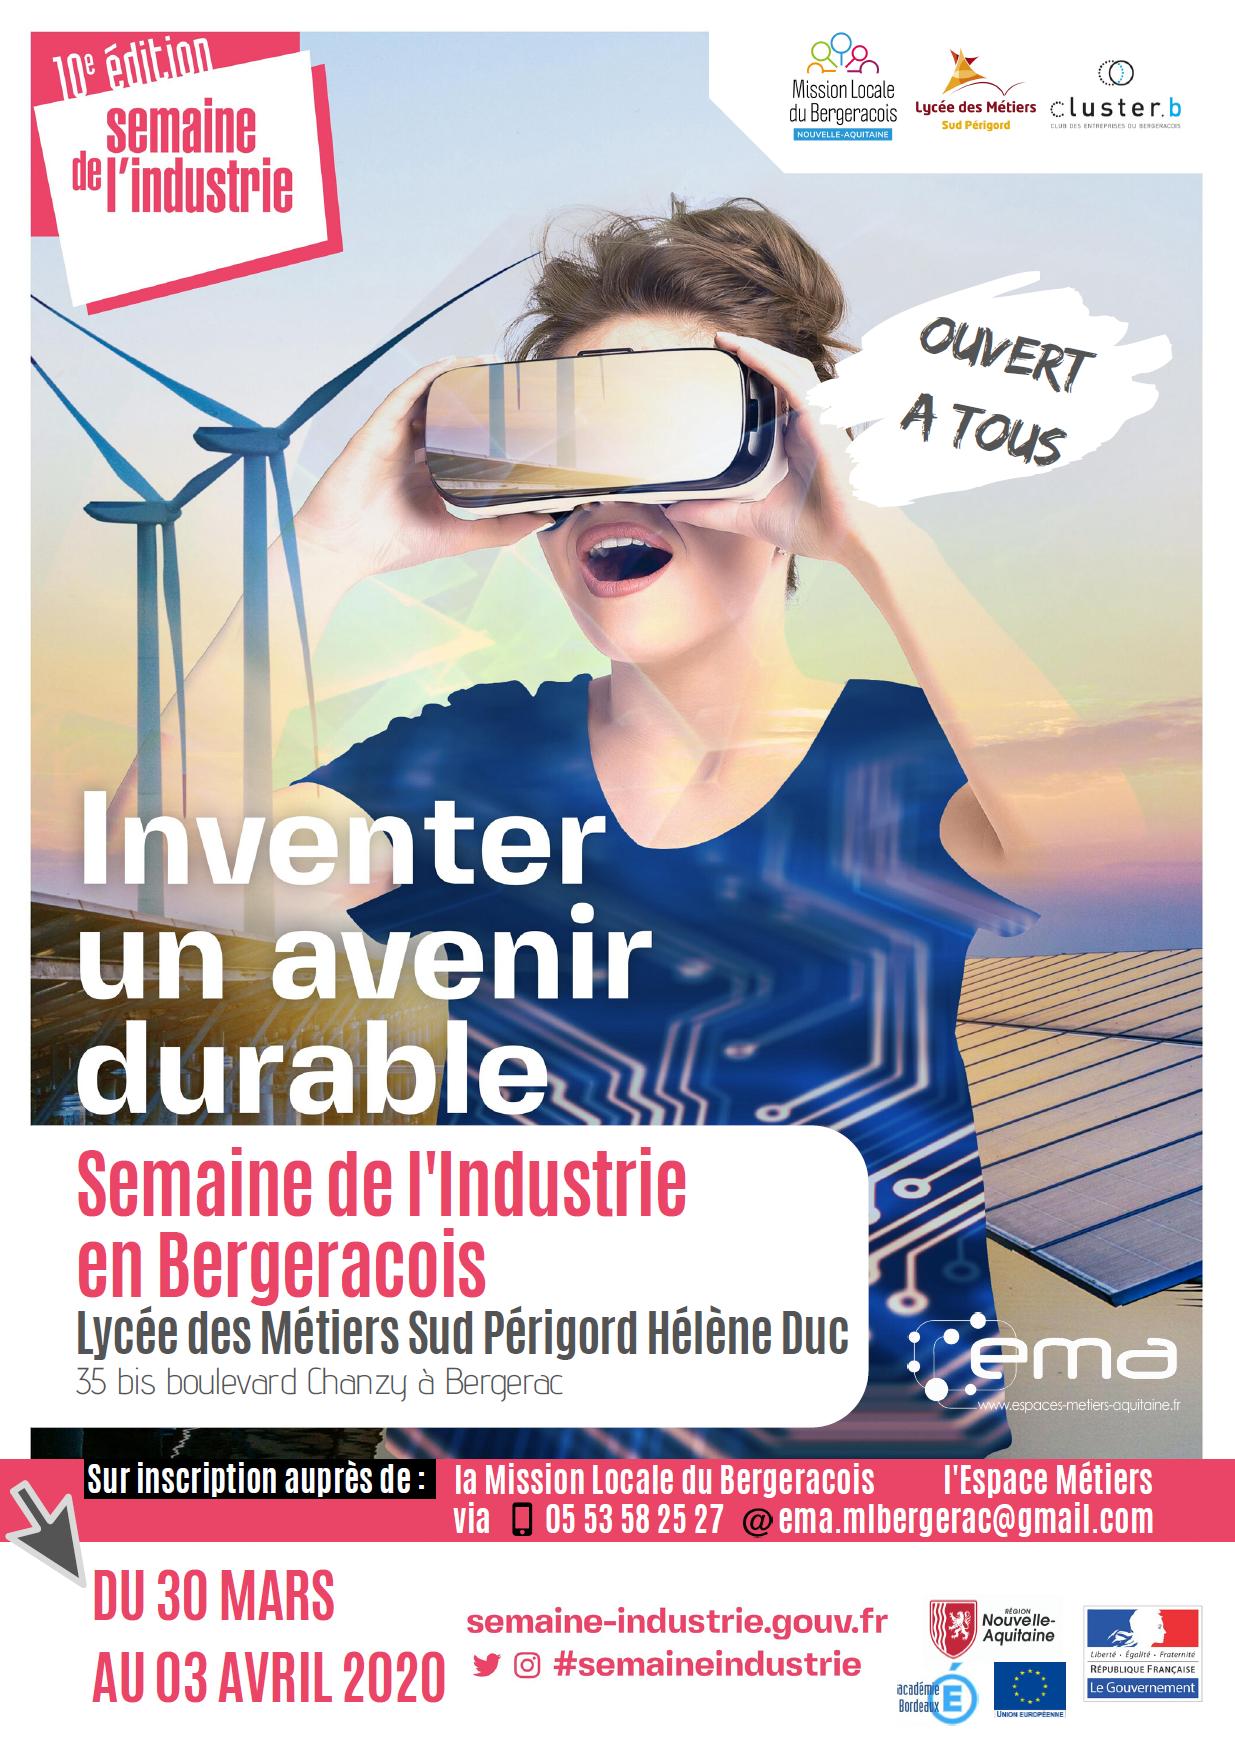 Semaine de l'Industrie en Bergeracois 2020